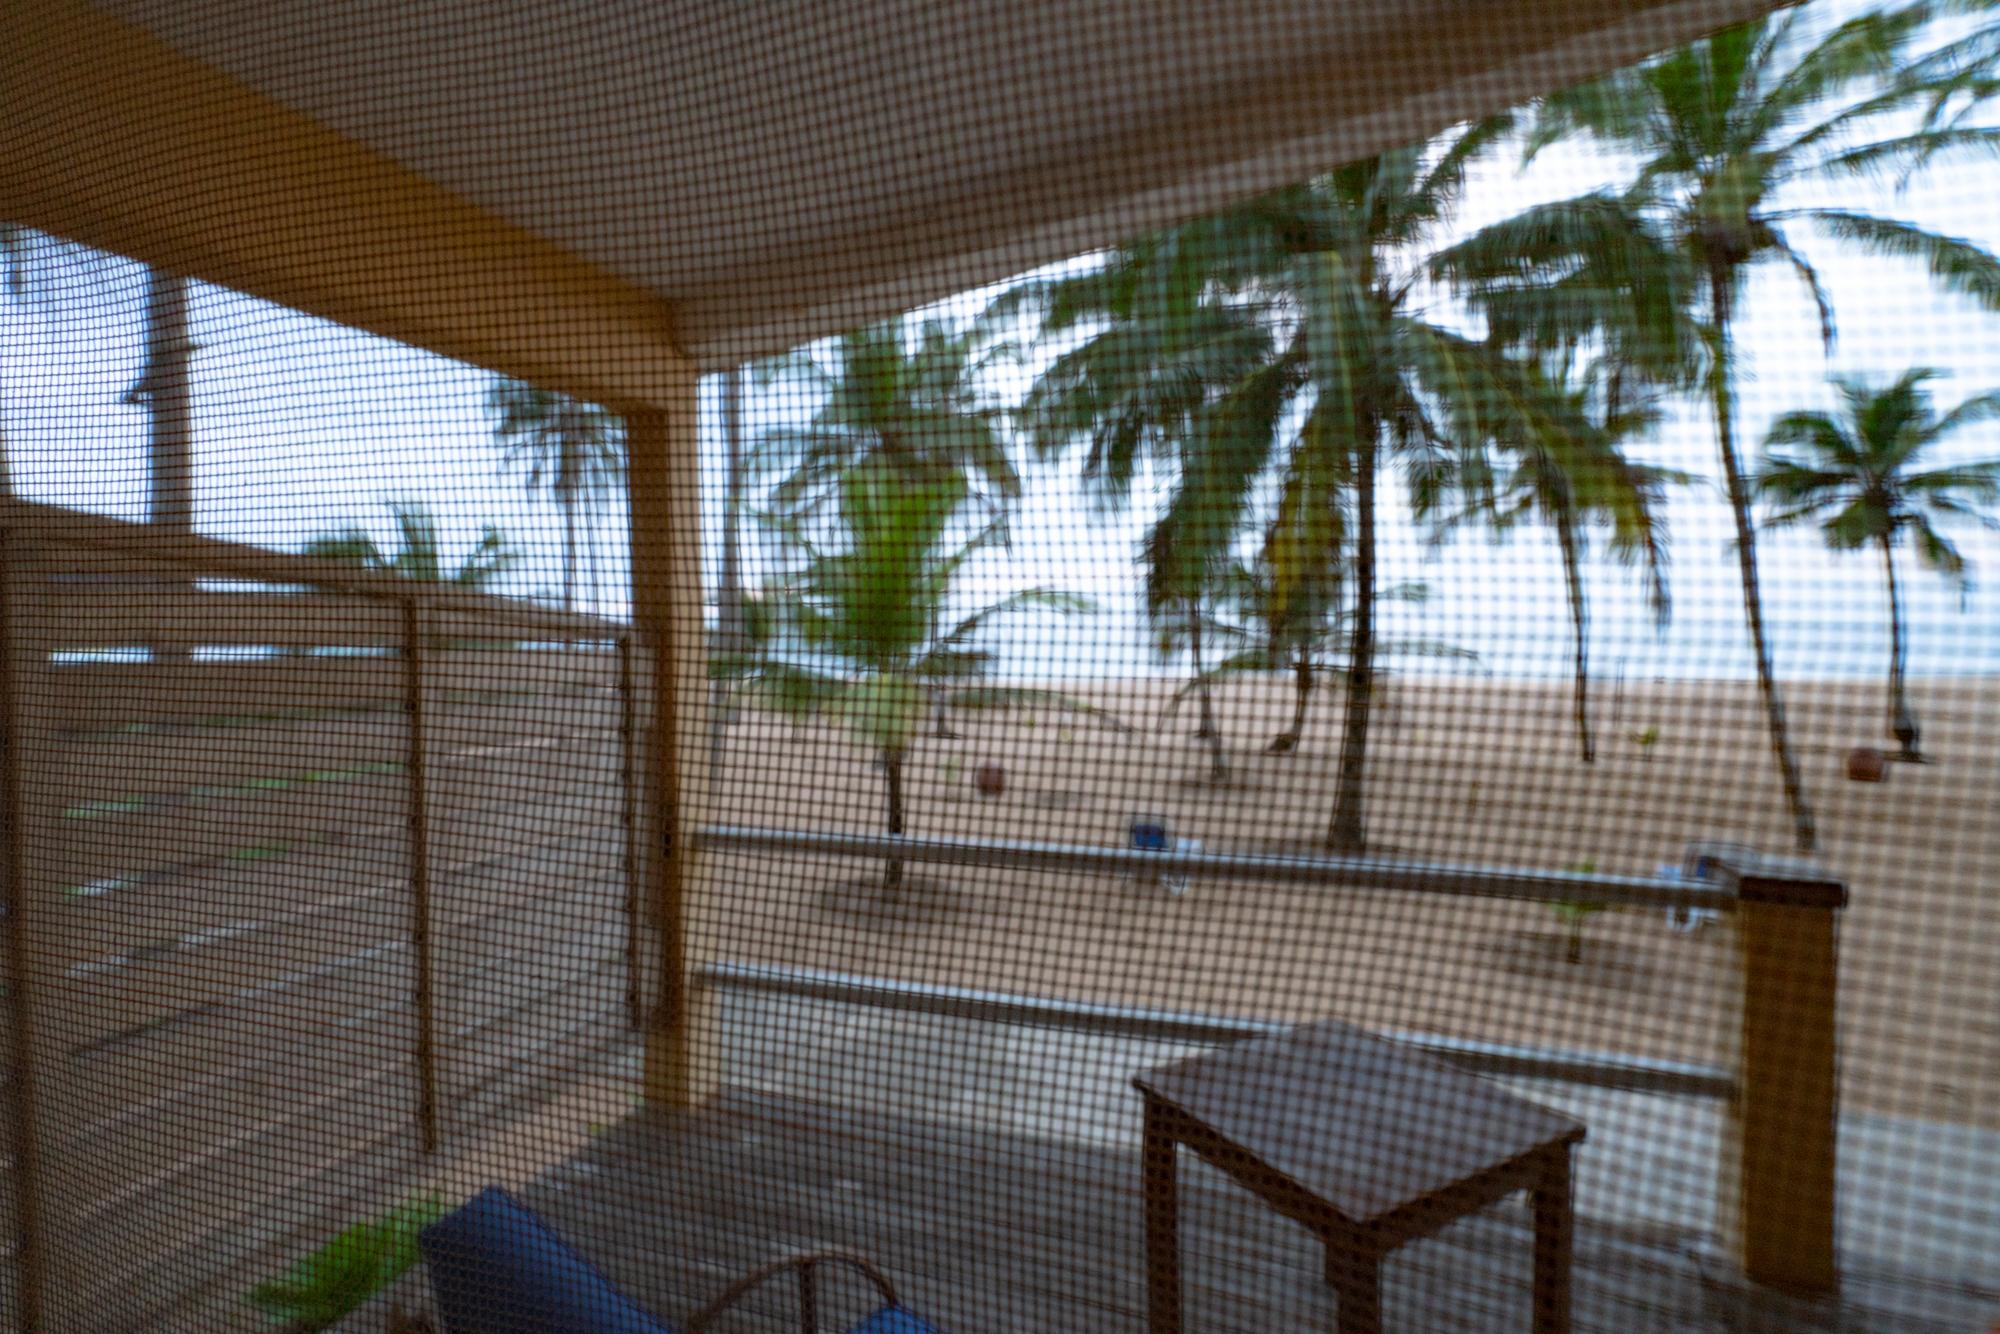 Benin_2000 sin título2018-00181 7952 x 5304.jpg